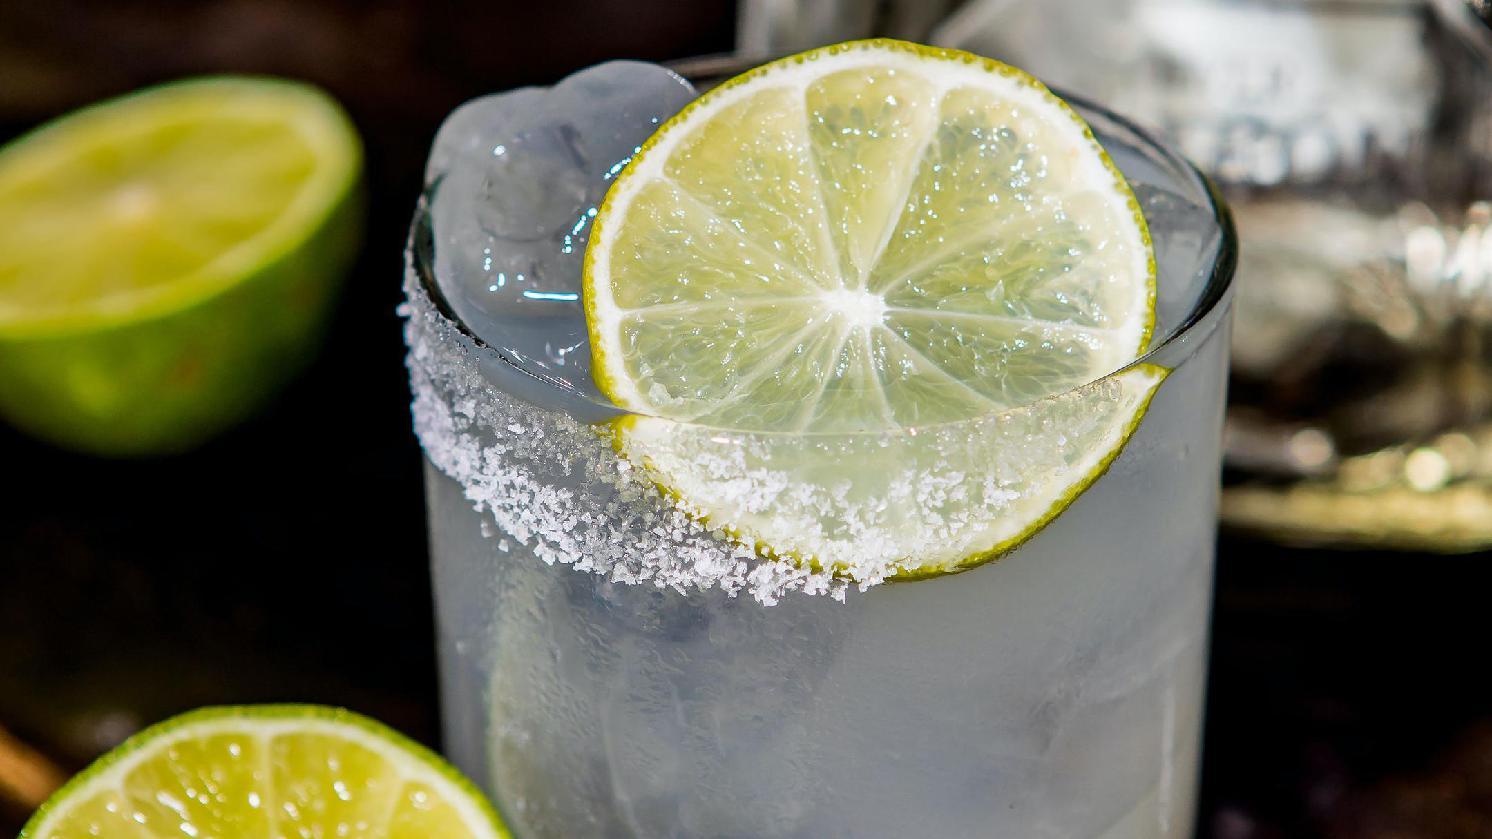 Sip Sip Hurray! It's National Margarita Day at Copper 29 Bar